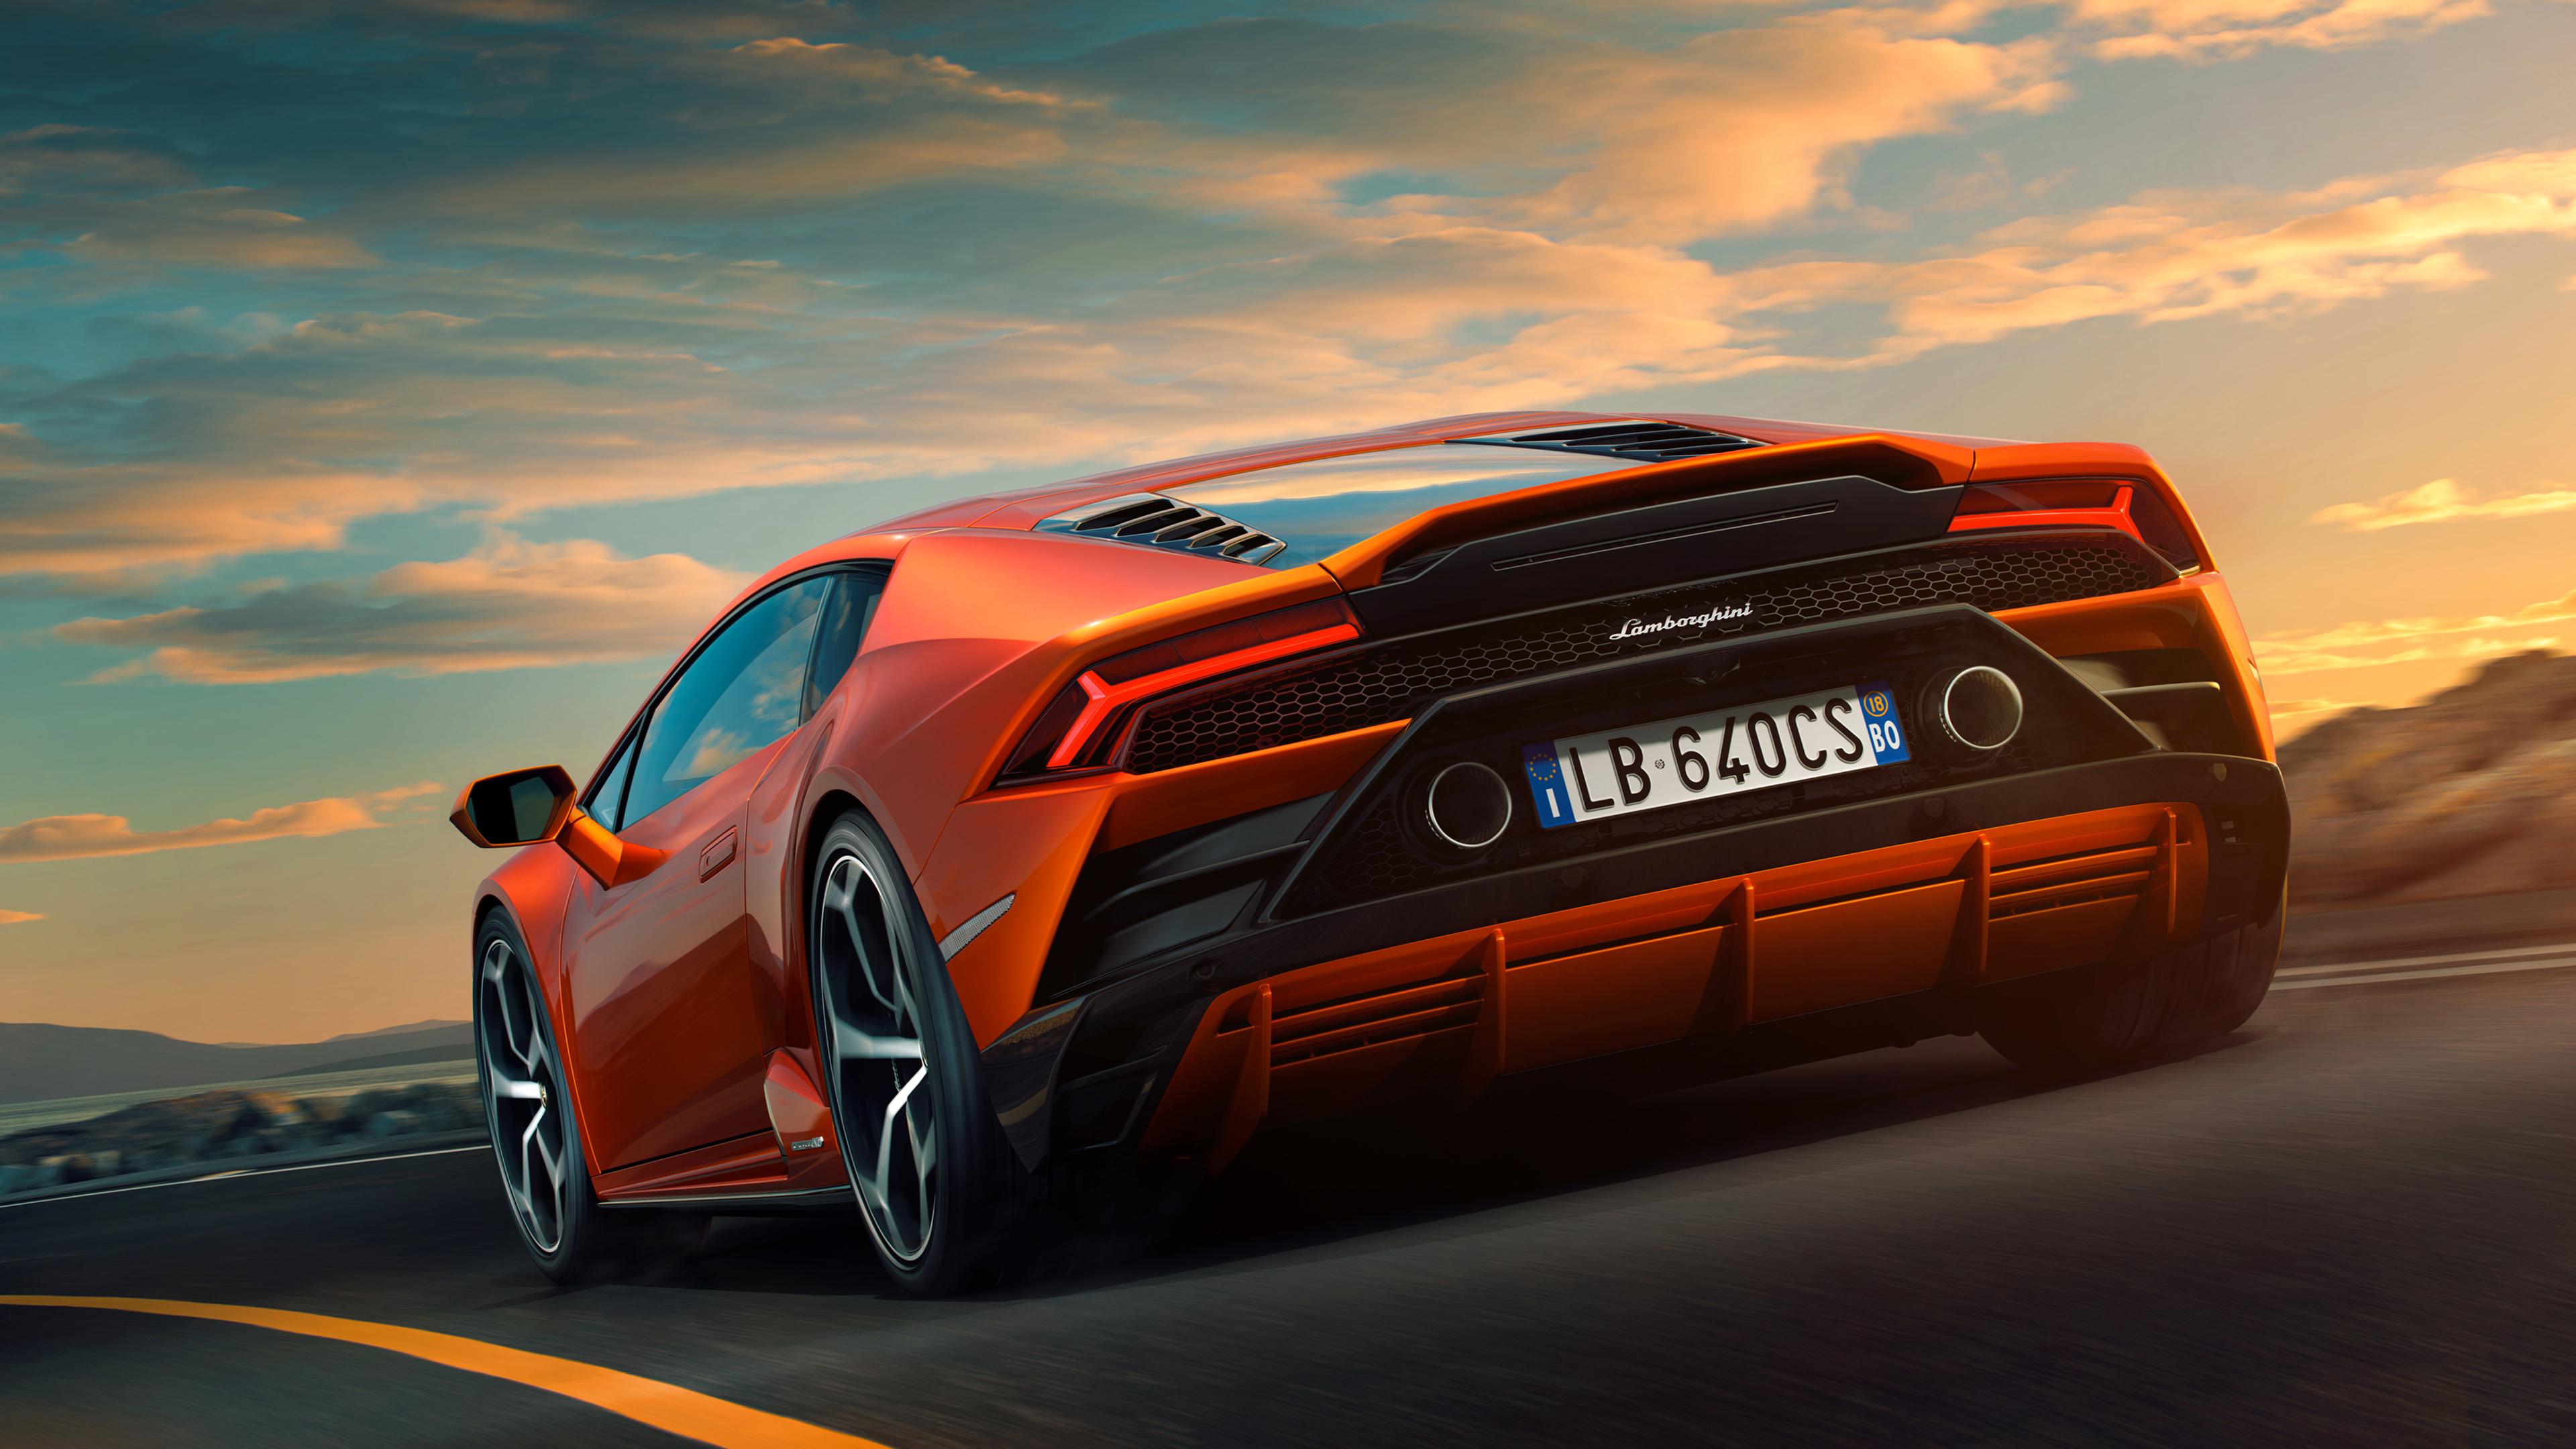 Lamborghini Huracan Evo 2019 4k 5 Wallpaper Hd Car